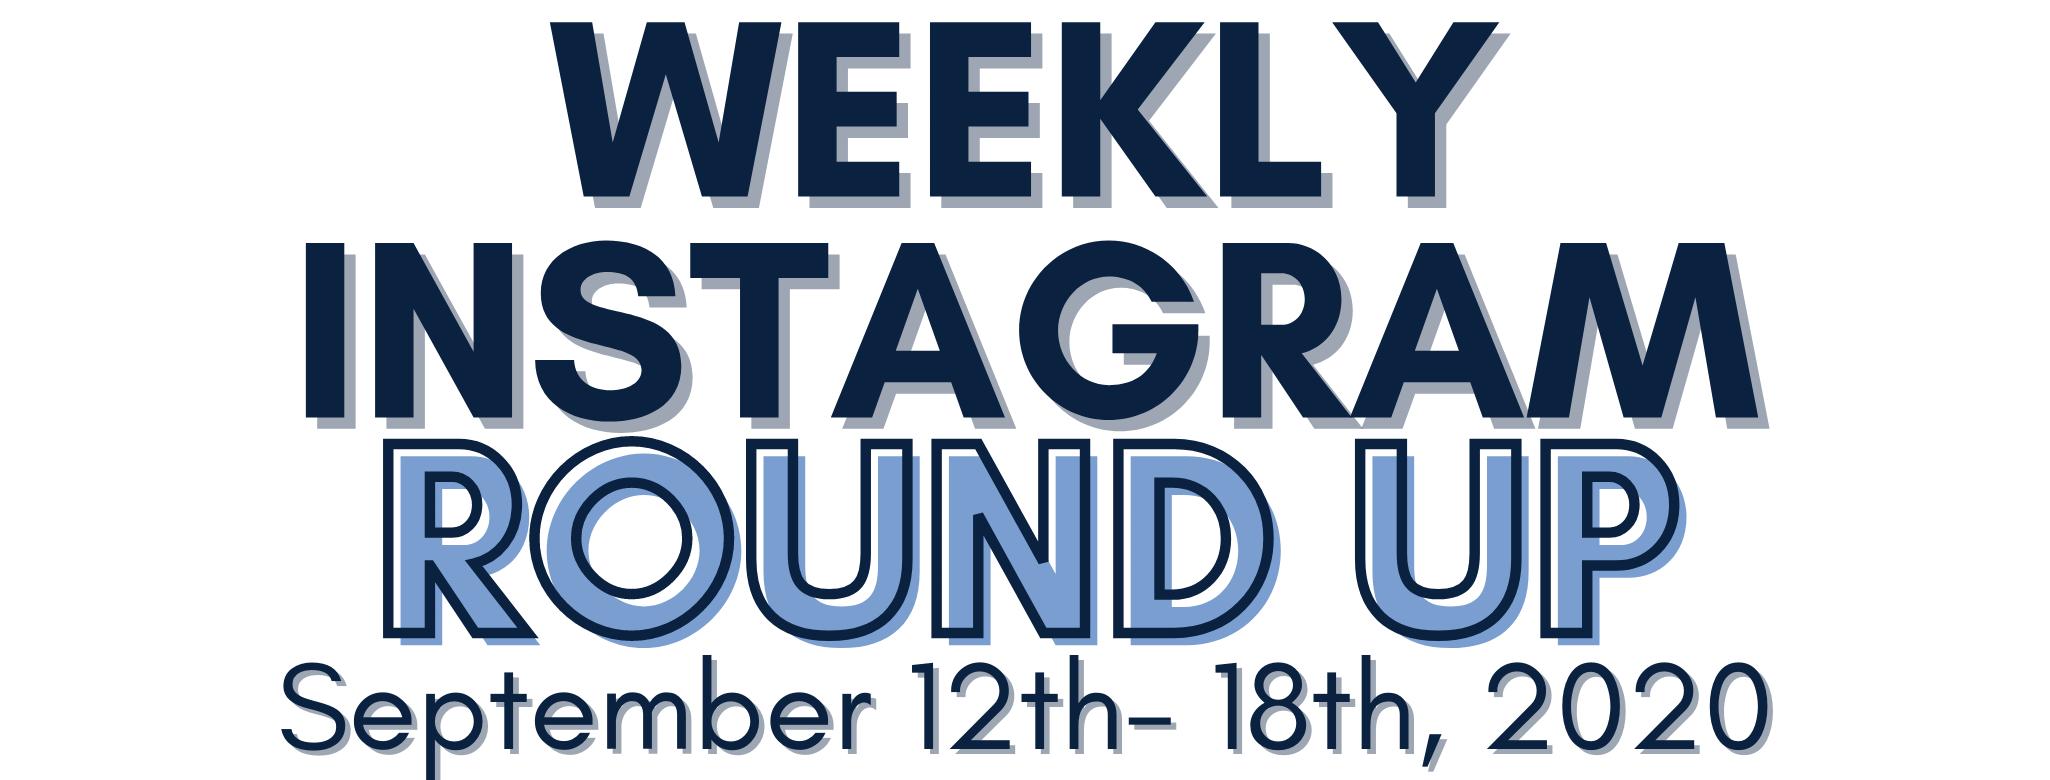 Instagram Round Up 9/12-9/18